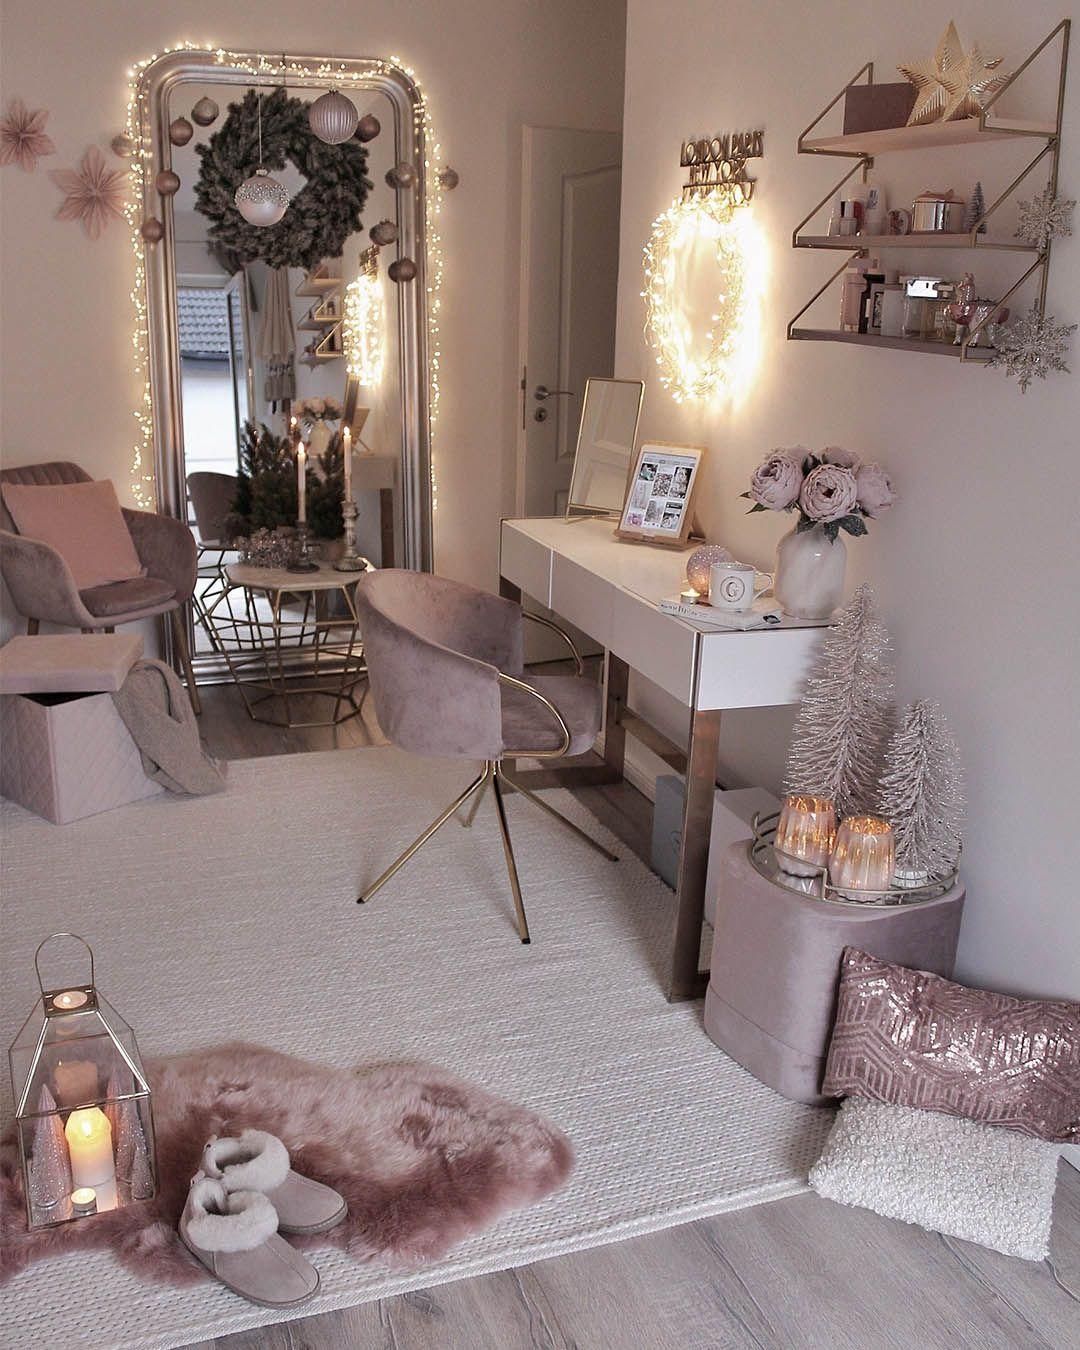 Zauberhafte Weihnachtsdeko für ein behagliches Zuhause!😍